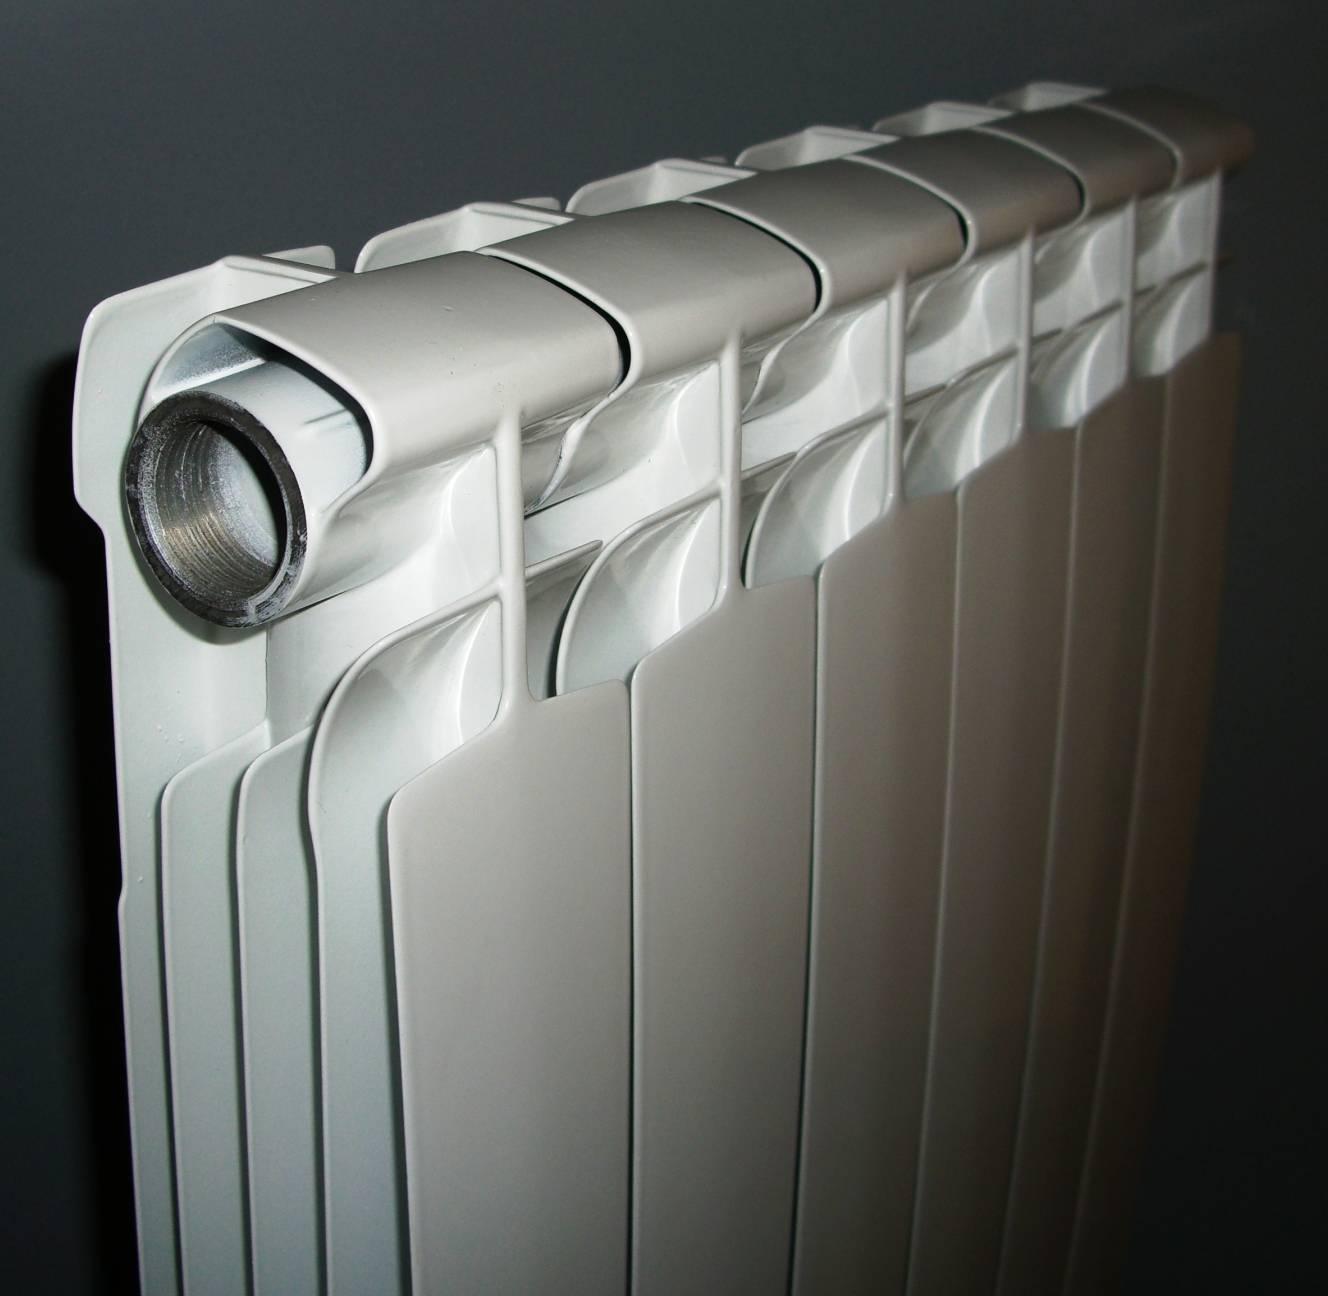 Какие алюминиевые радиаторы лучше - как выбрать, сколько квт в 1 секции как выбрать алюминиевые радиаторы отопления — какие лучше? — про радиаторы